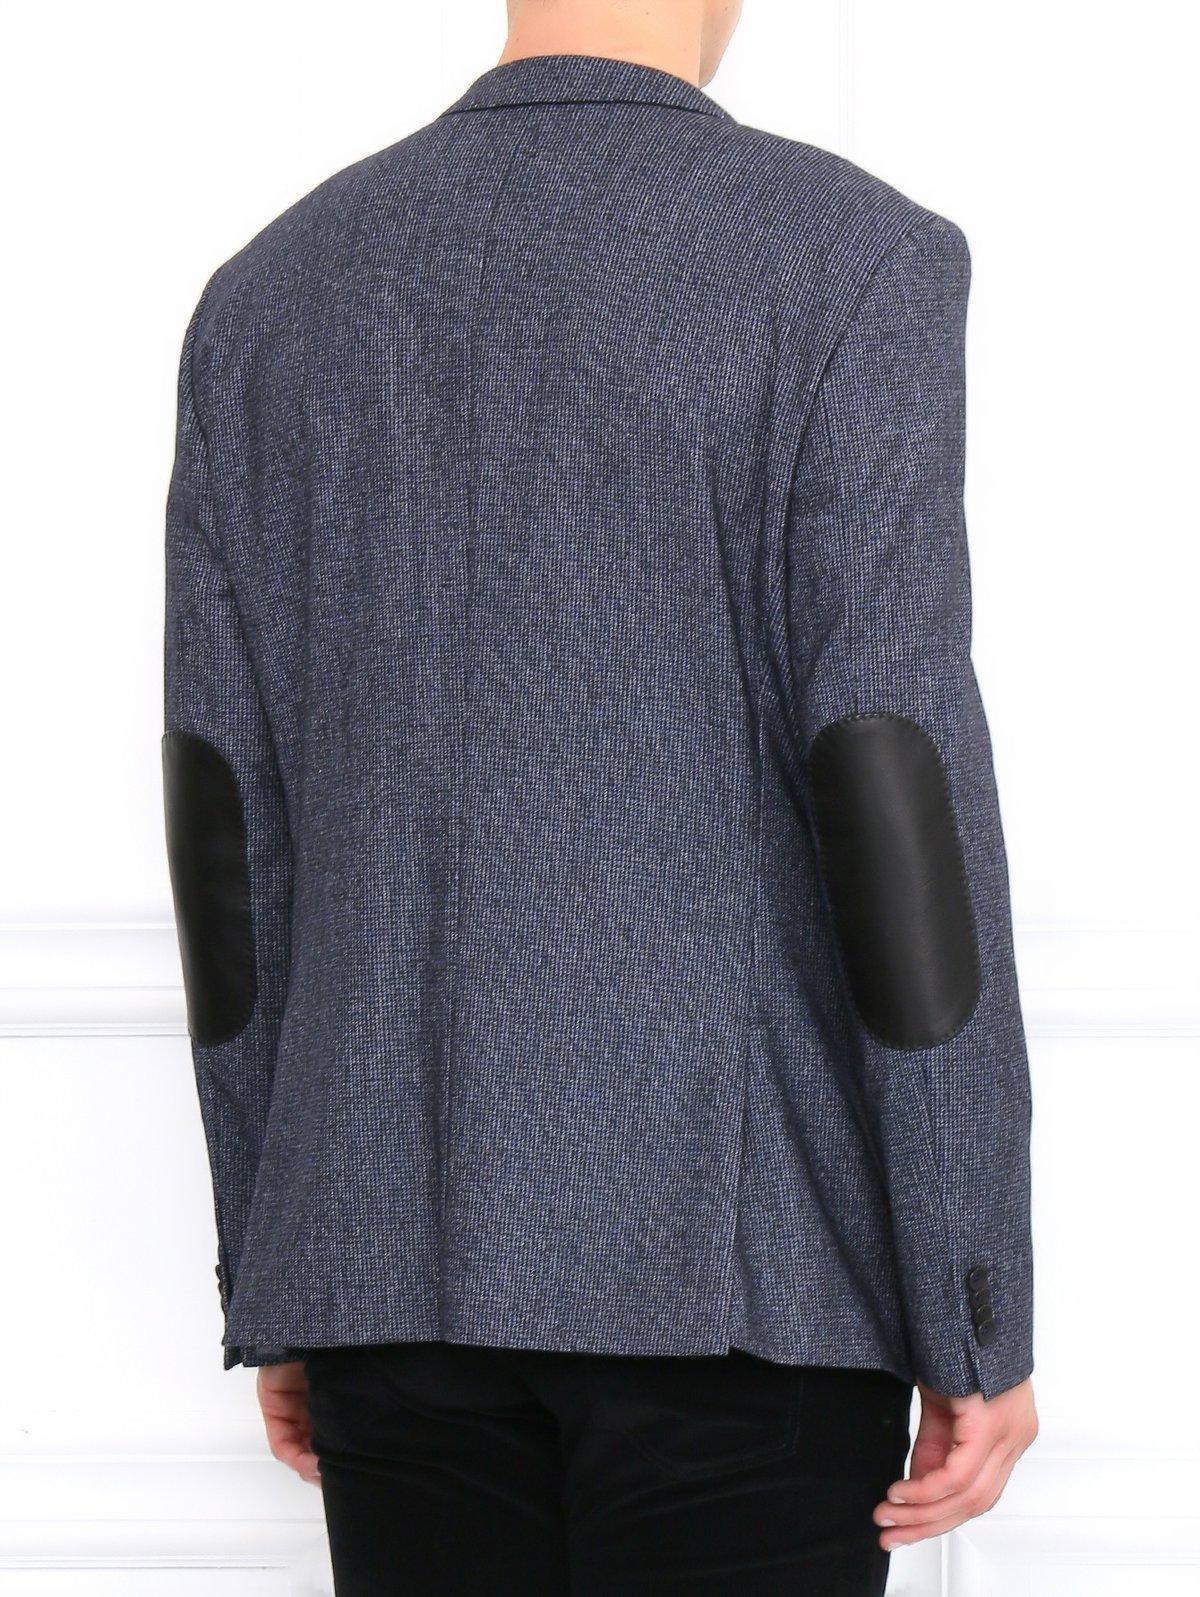 Hugo Boss  синий однобортный пиджак с заплатками на локтях ... 3f5d5a65a41